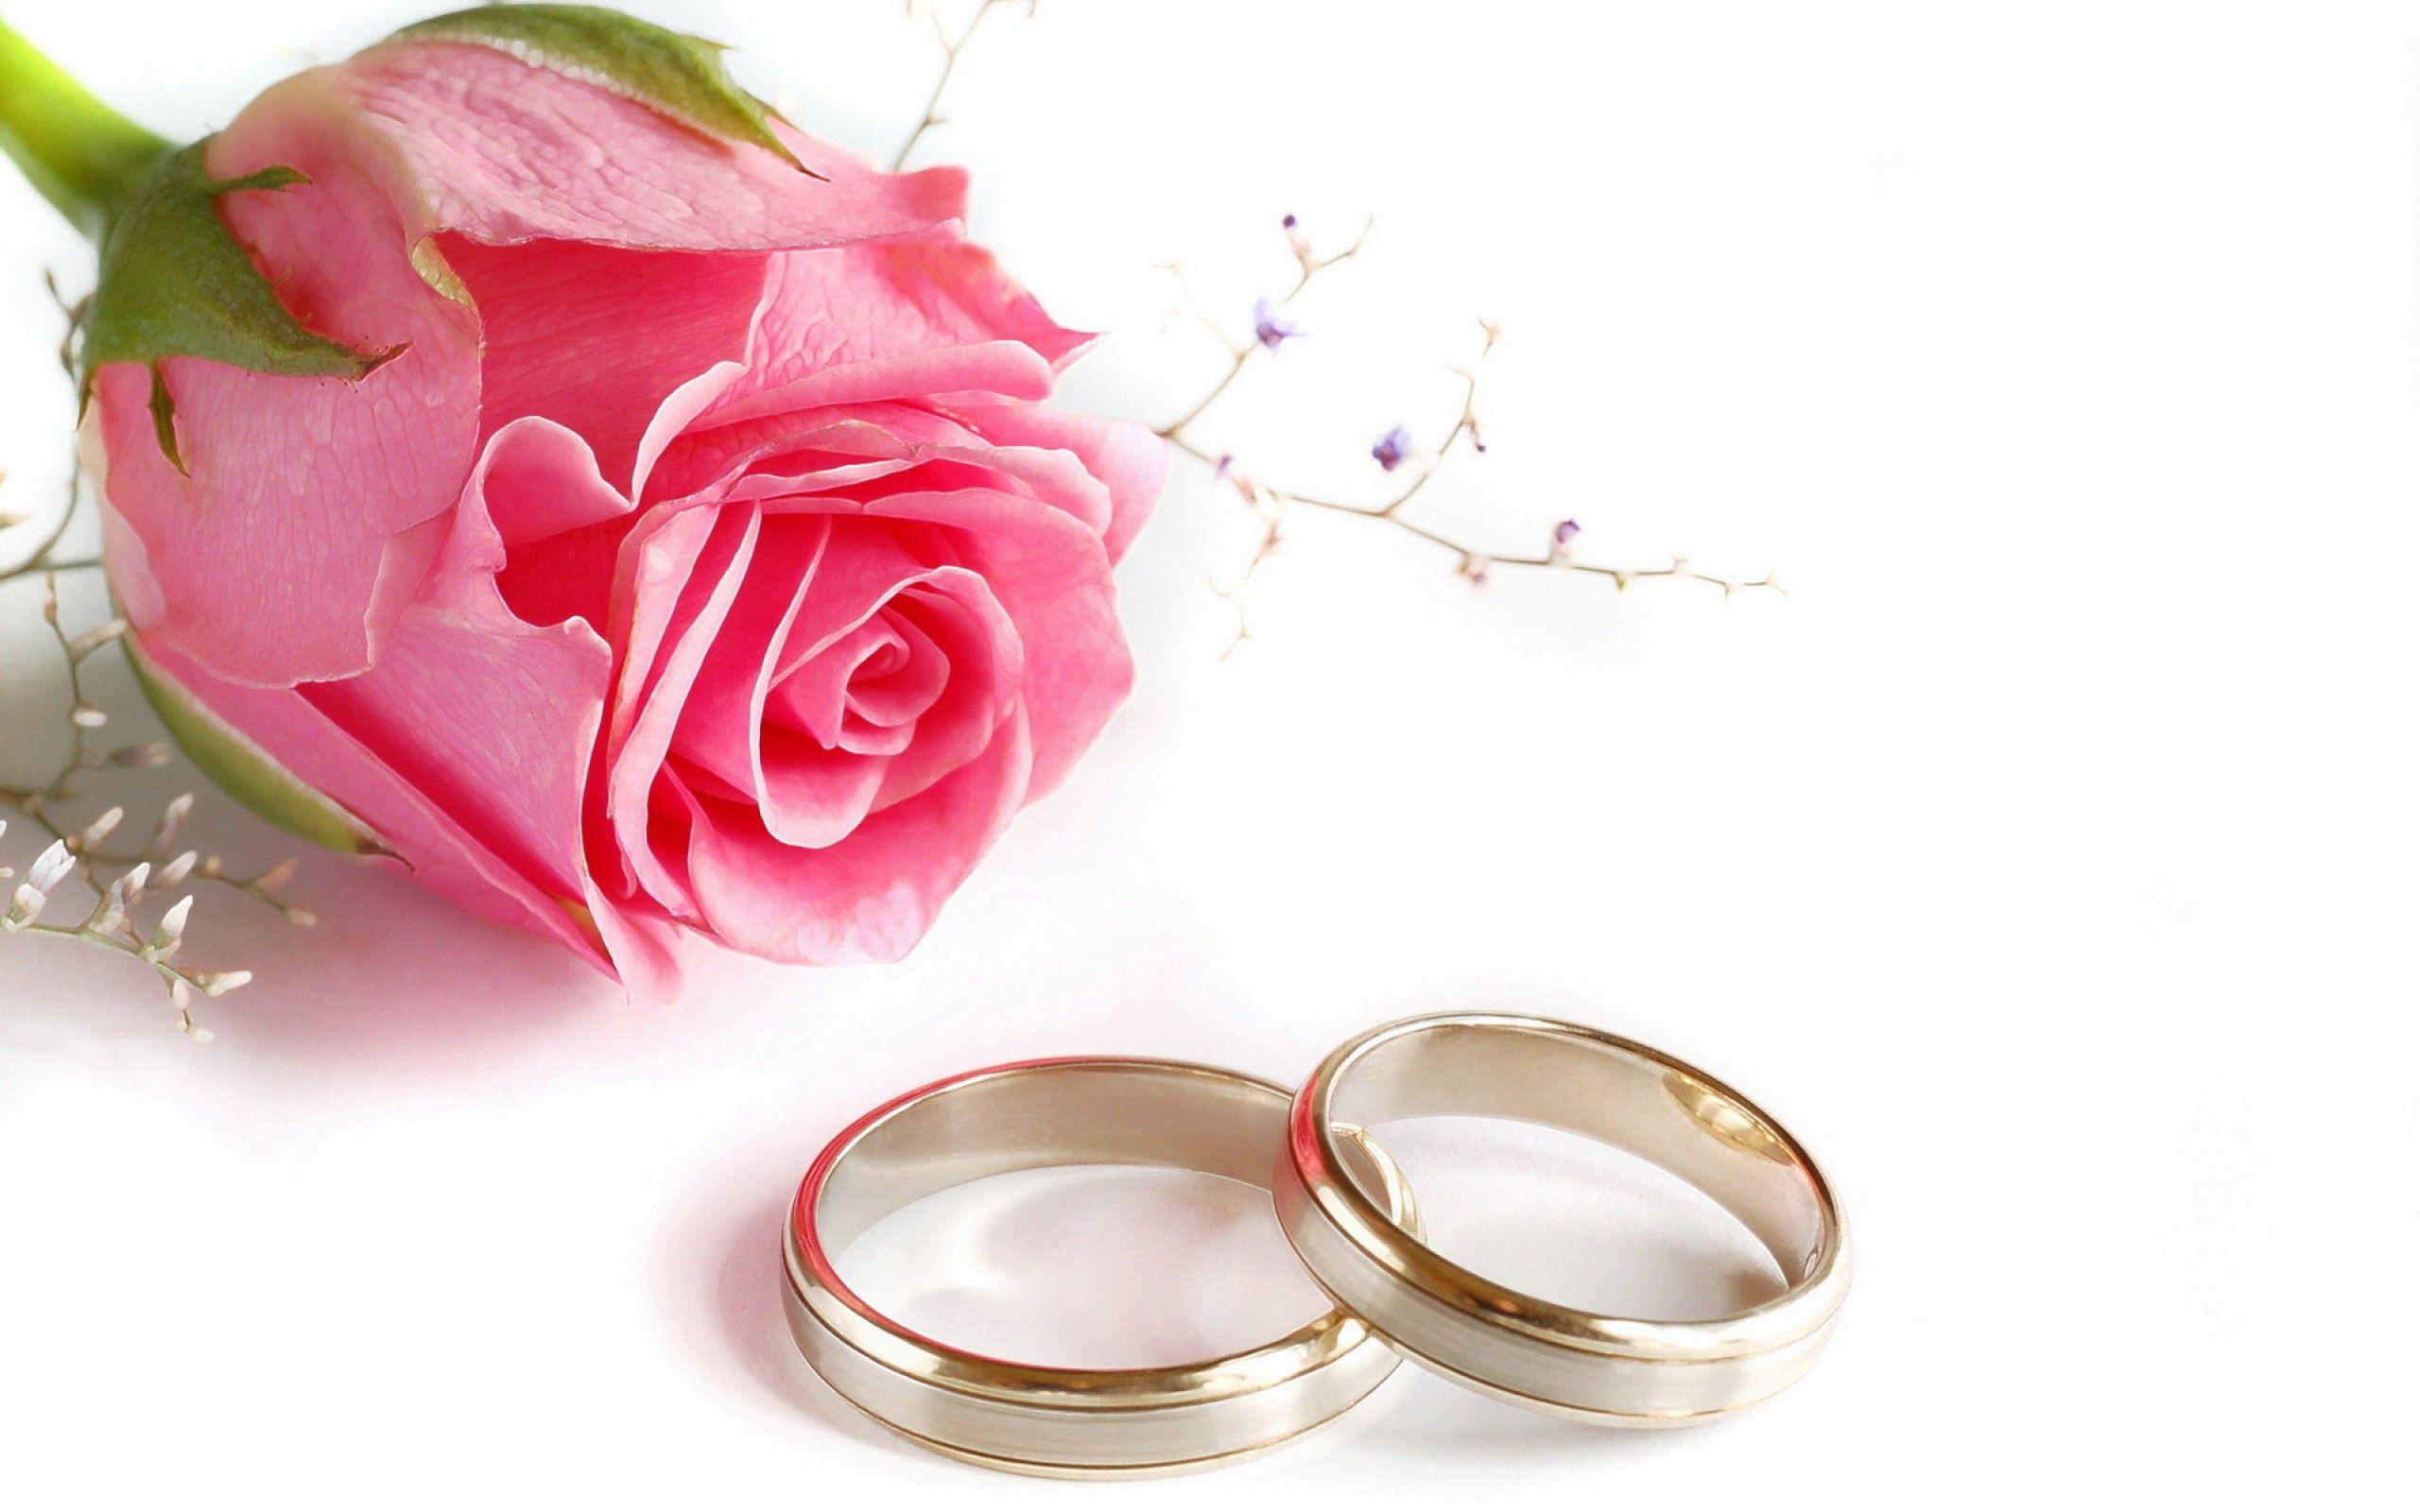 Love+Symbols | 2880 x 1800 2560 x 1600 1920 x 1200 1680 x 1050 1440 ...